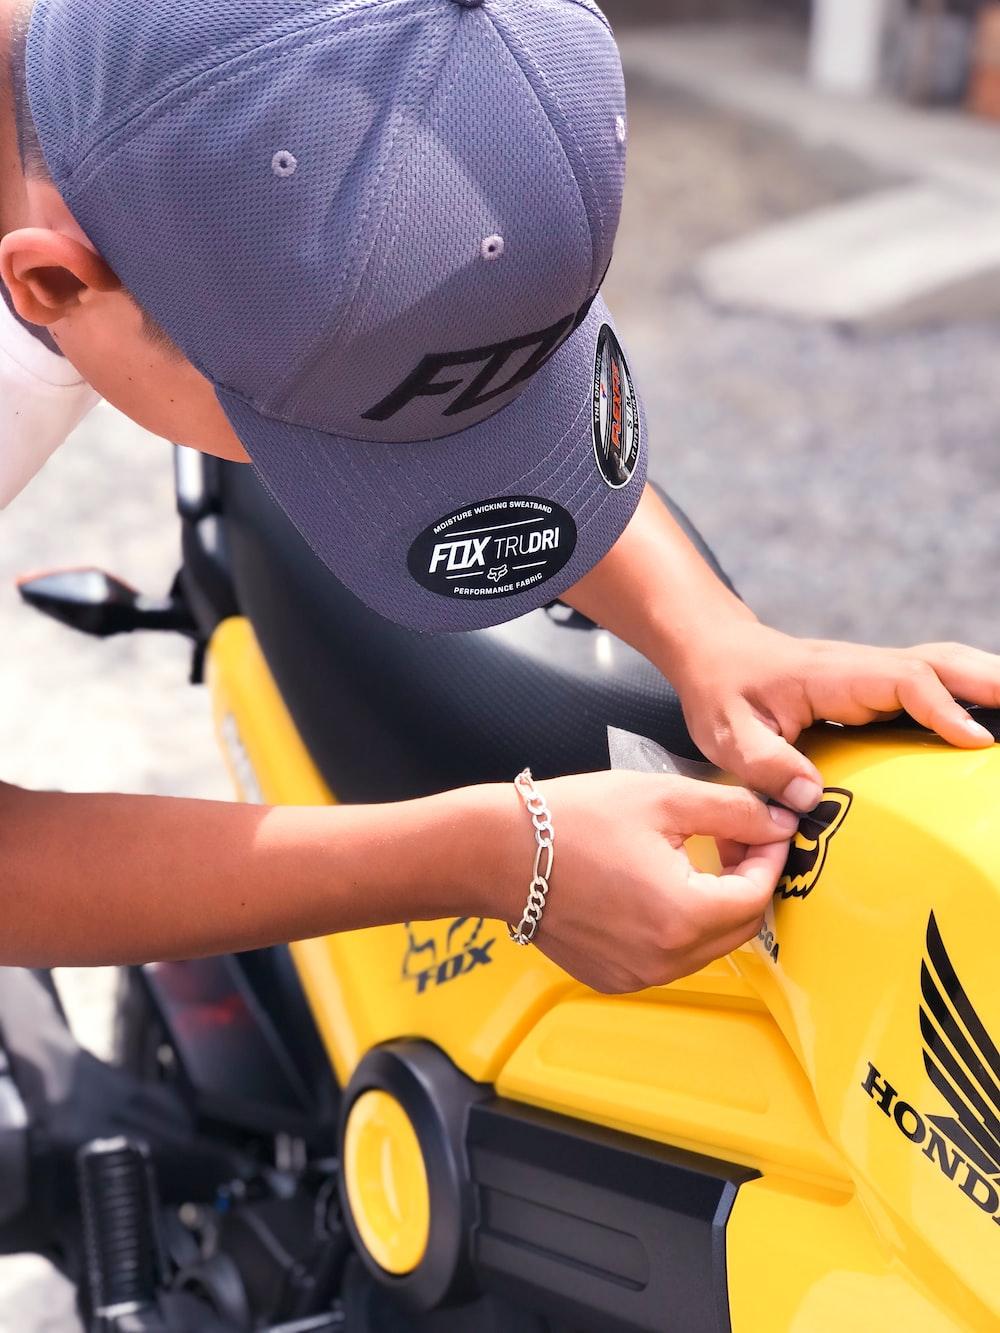 yellow and black Honda motorcycle